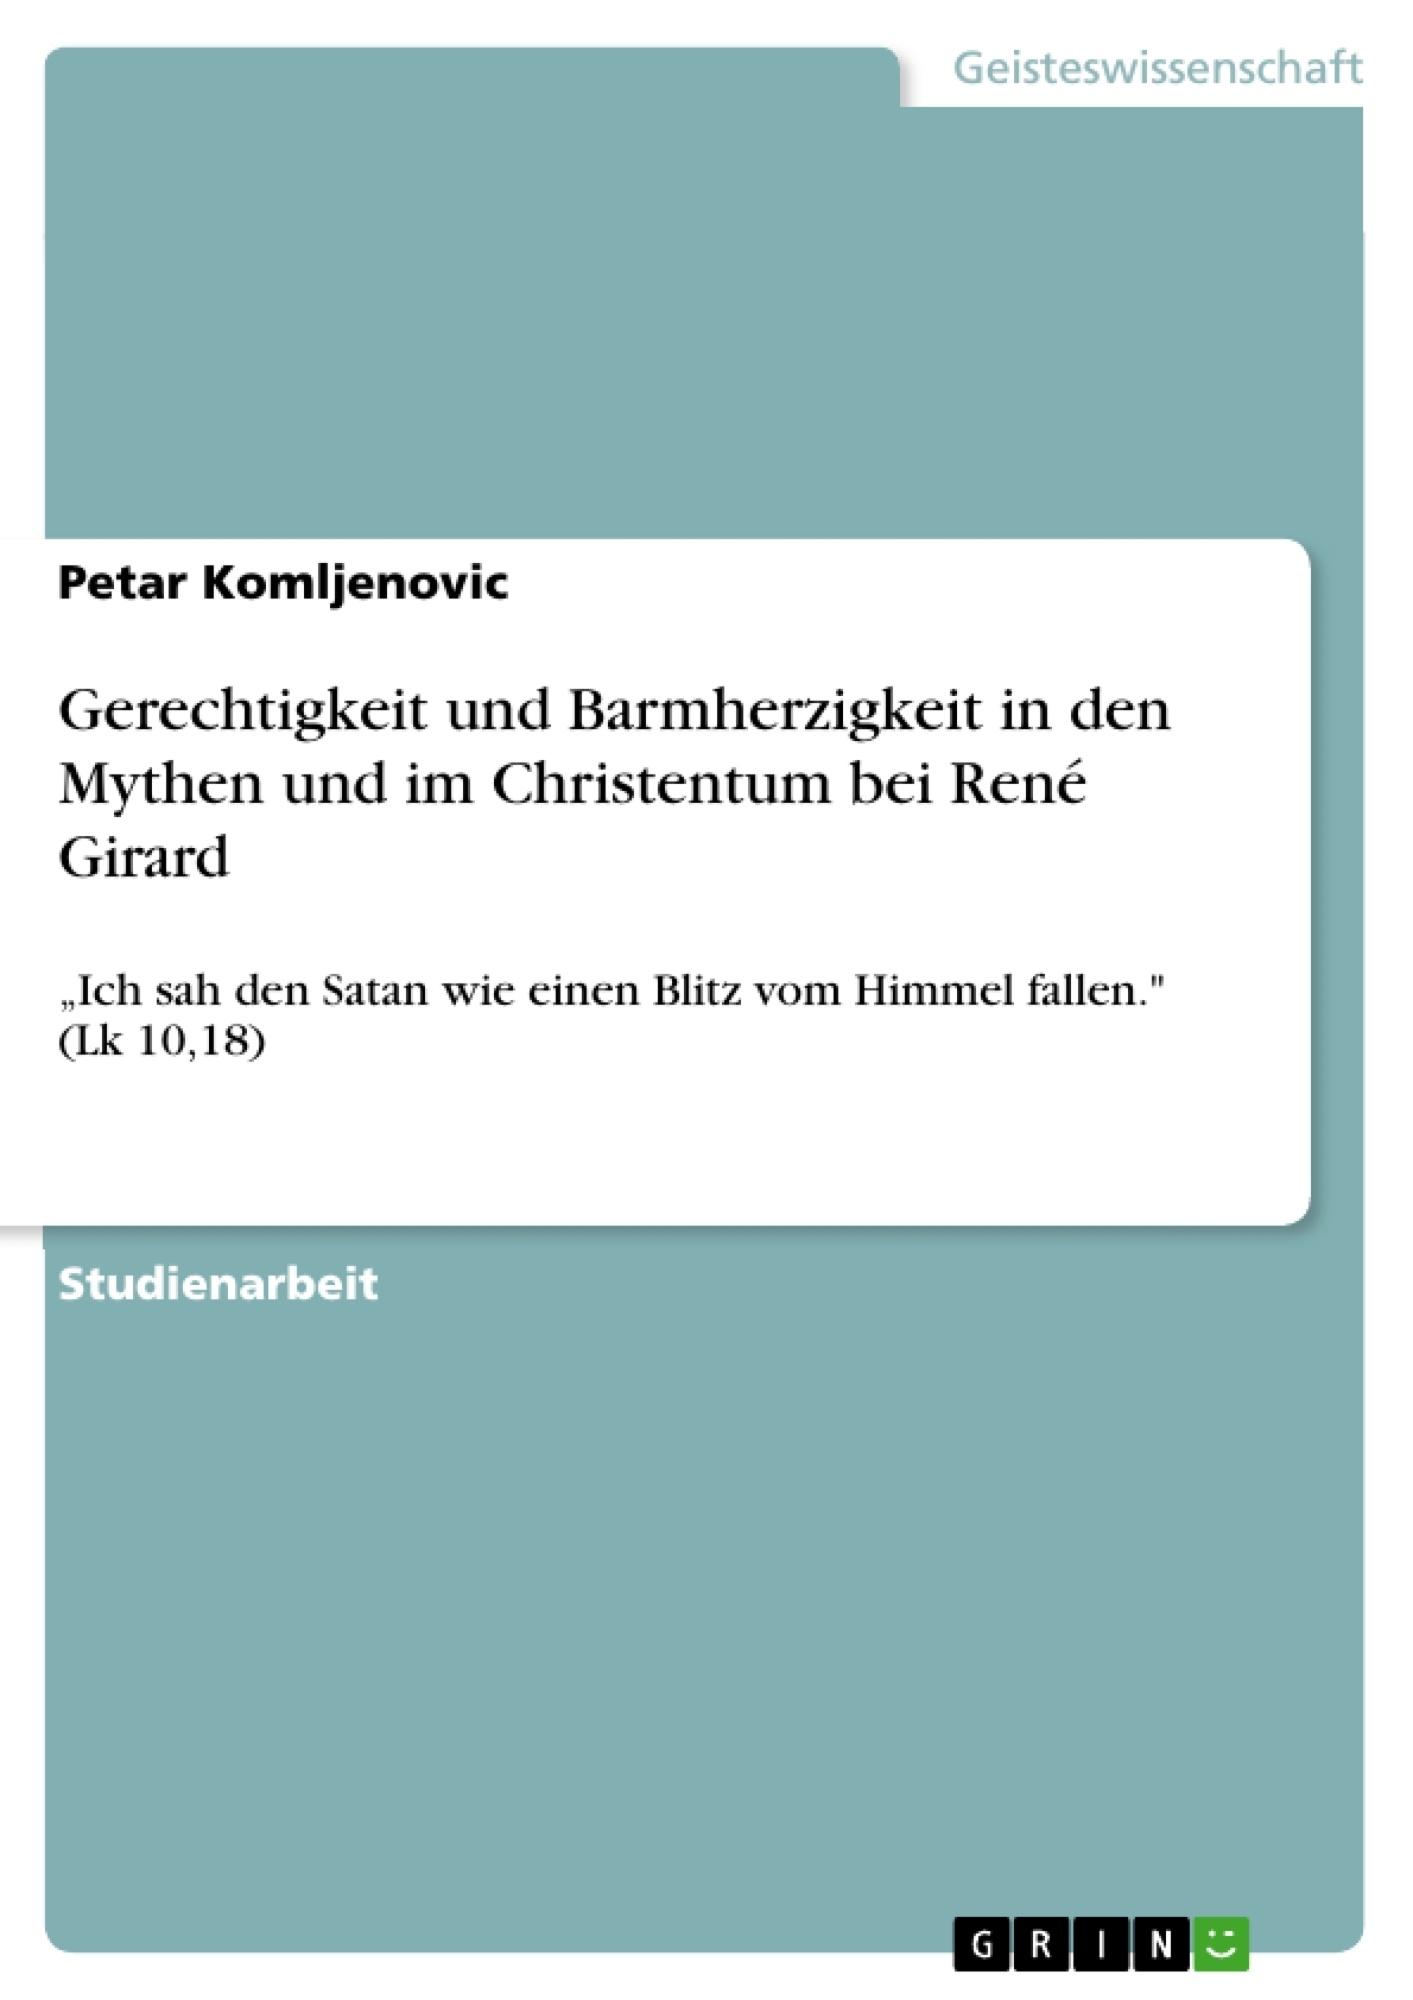 Titel: Gerechtigkeit und Barmherzigkeit in den Mythen und im Christentum bei René Girard